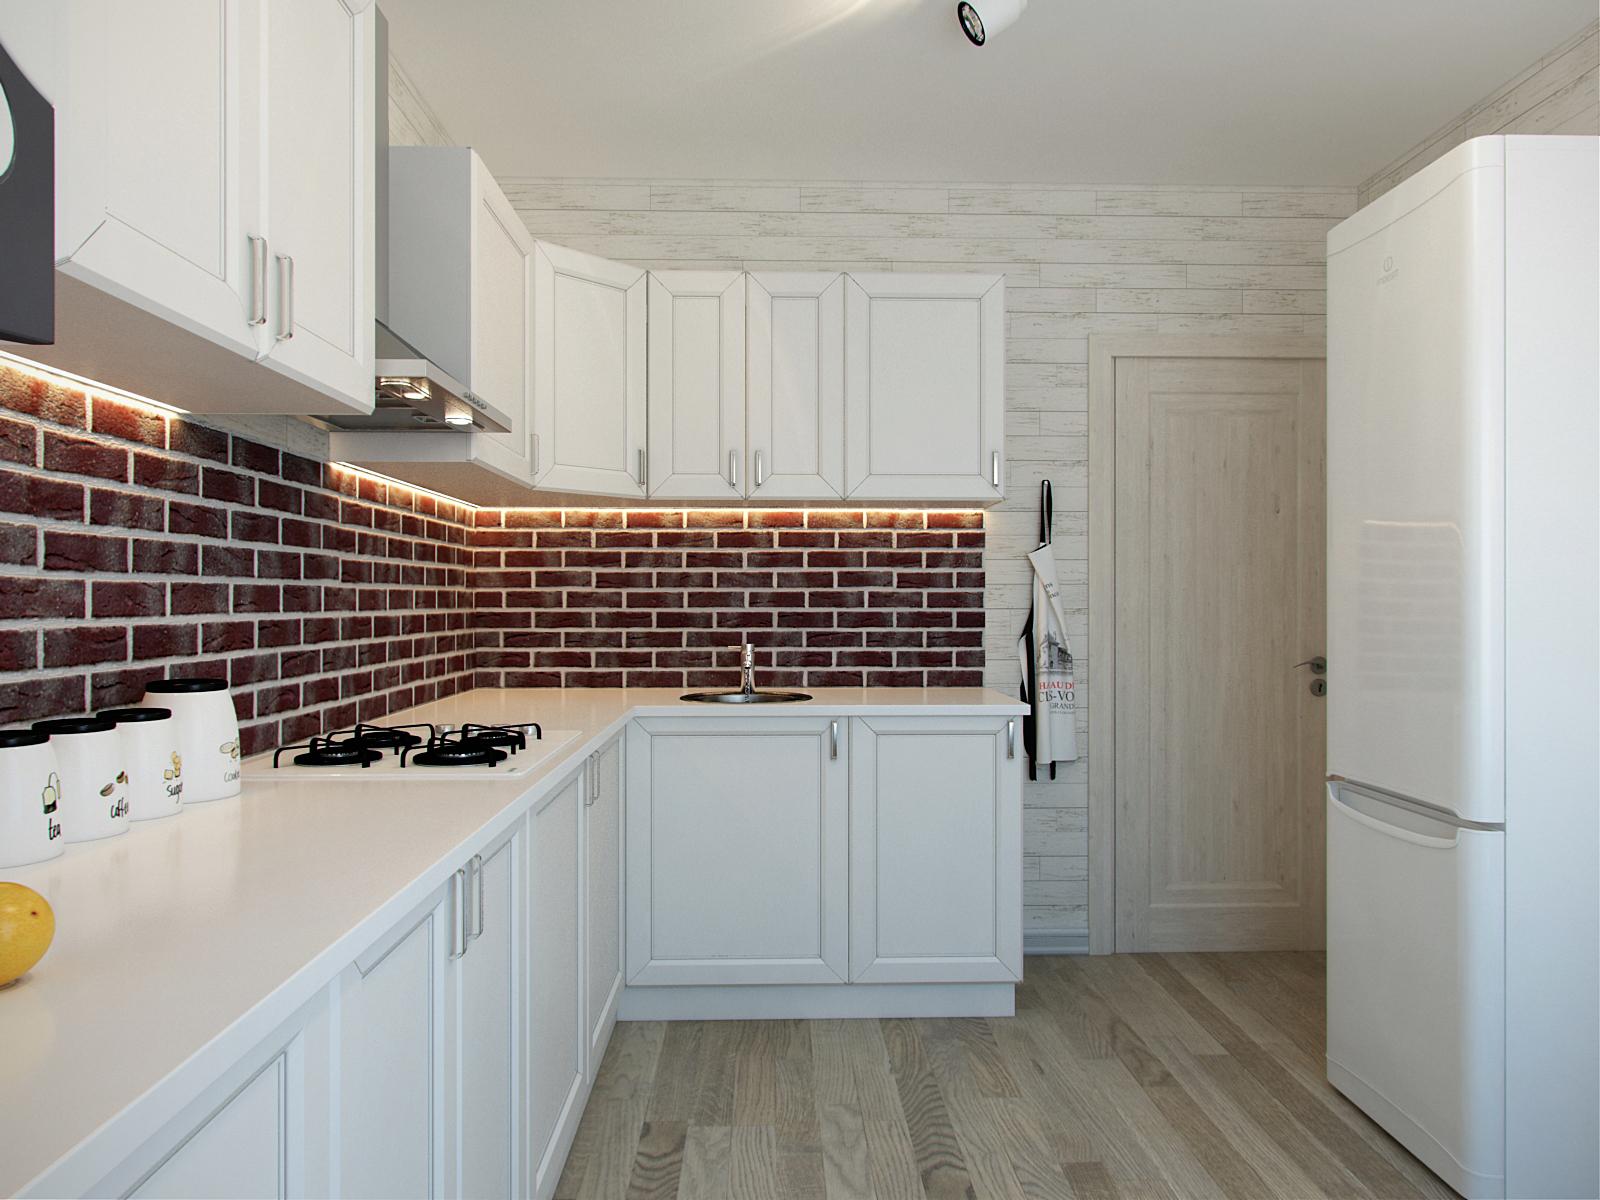 Кухня с индивидуальным отоплением дизайн